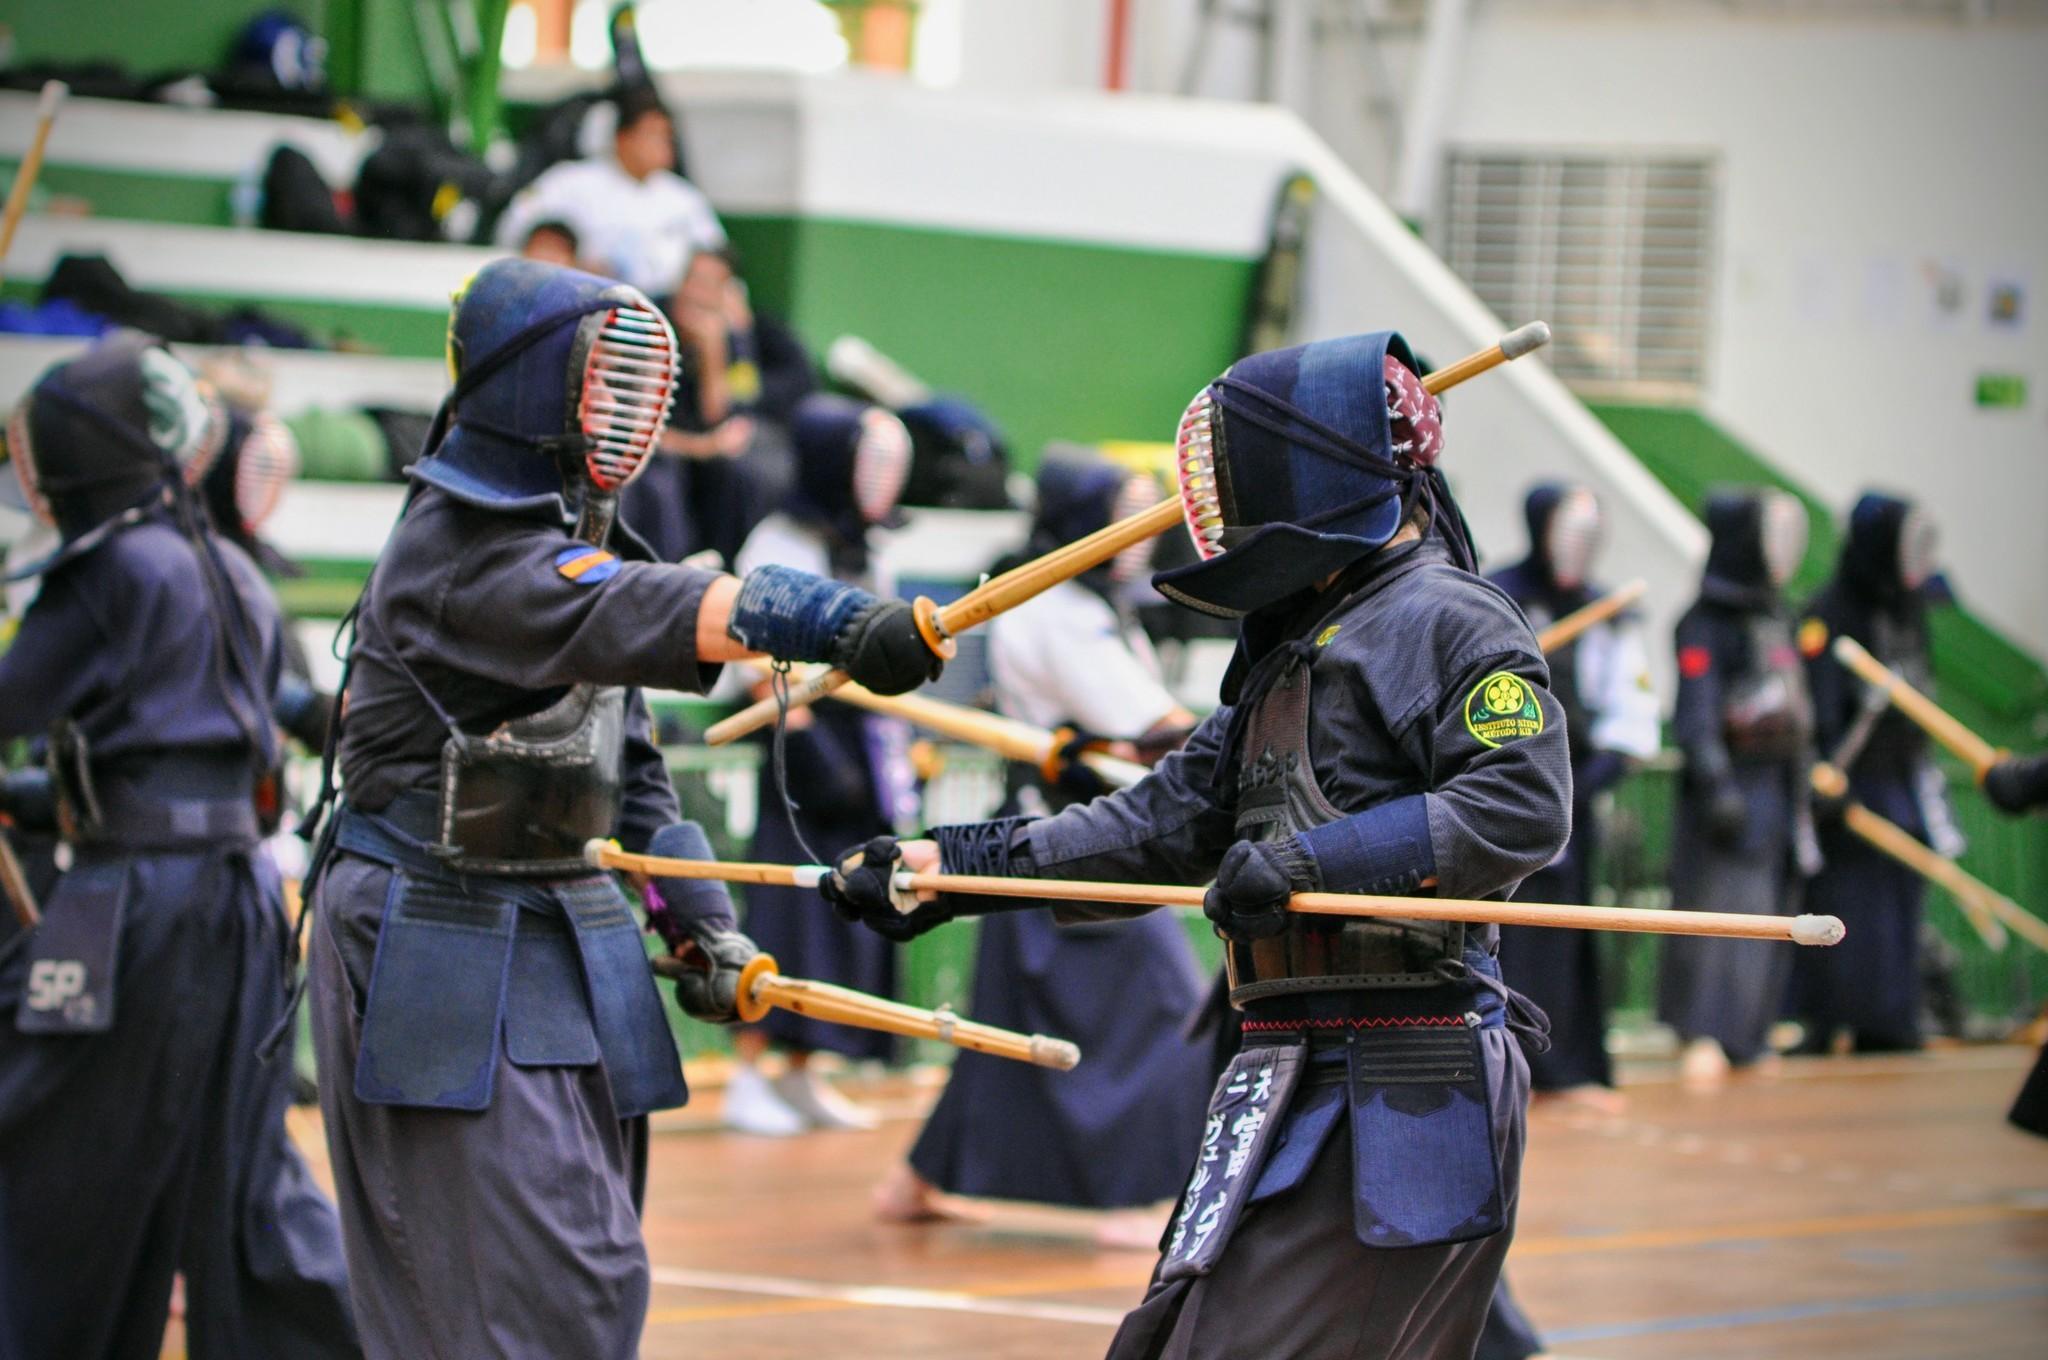 Prática de Kendo com espadas de bambu.Foto: Divulgação Instituto Niten